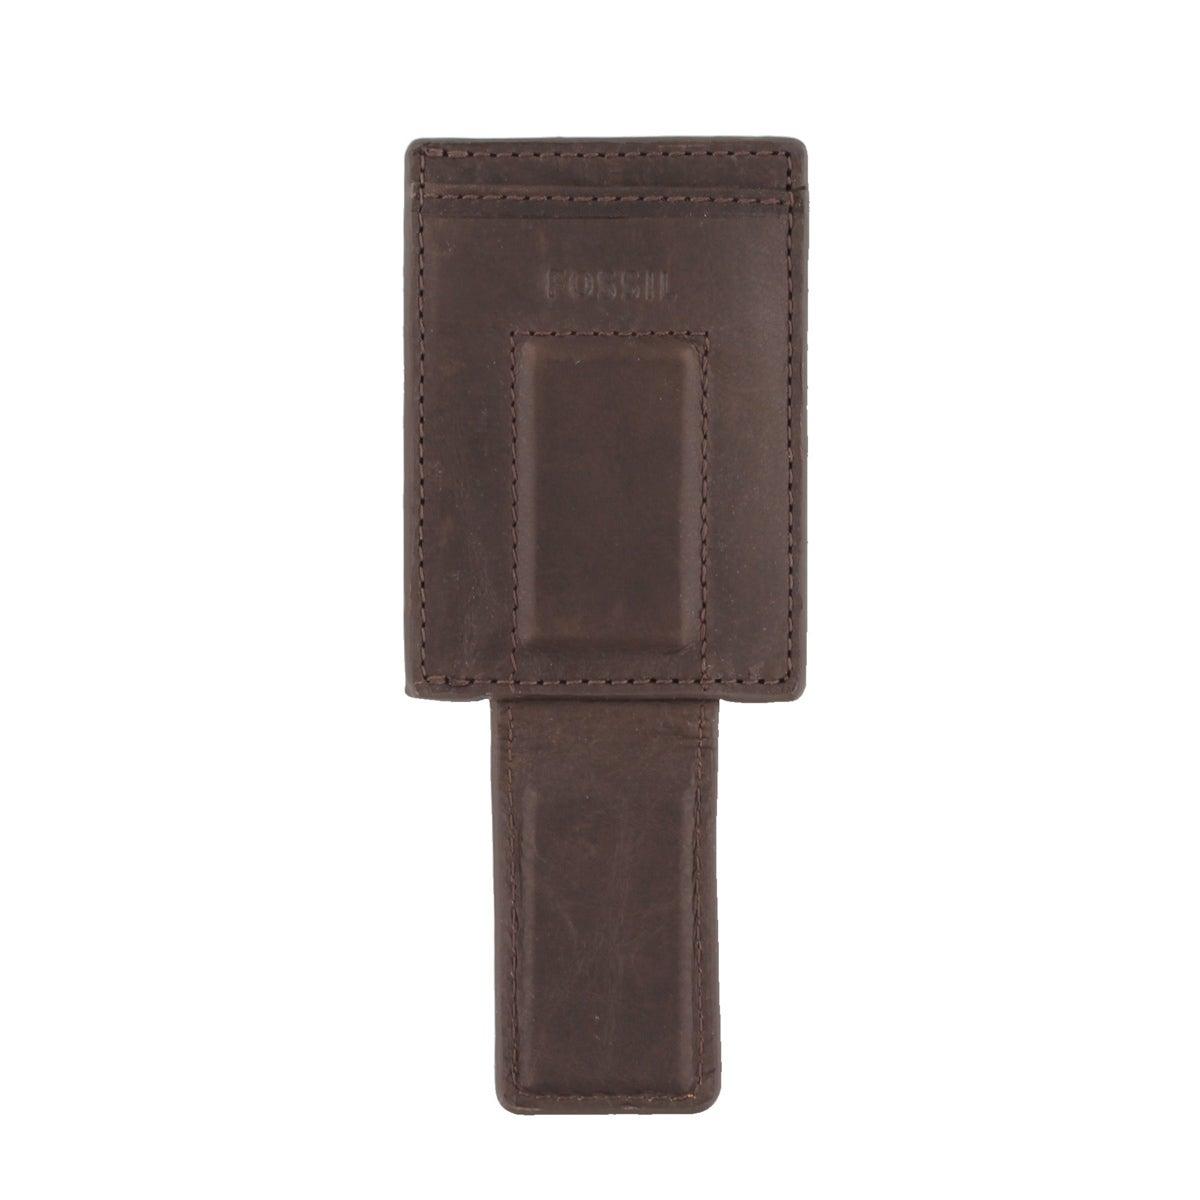 Étui à cartes Ingram, cuir brun, hommes